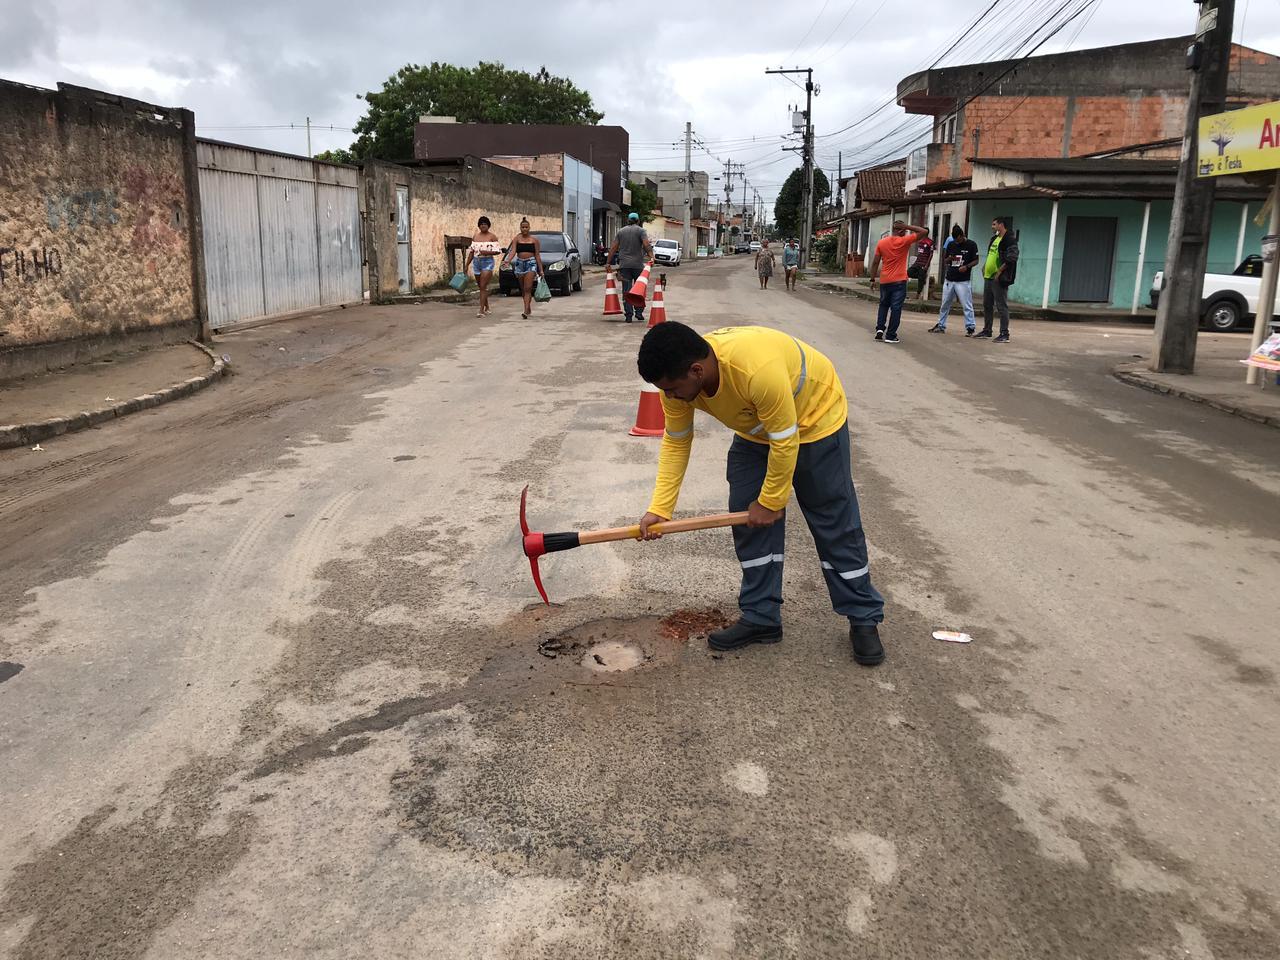 """Megaoperação """"Tapa-Buracos"""" foi iniciada na Rua Dom Vital, no bairro Juca Rosa"""